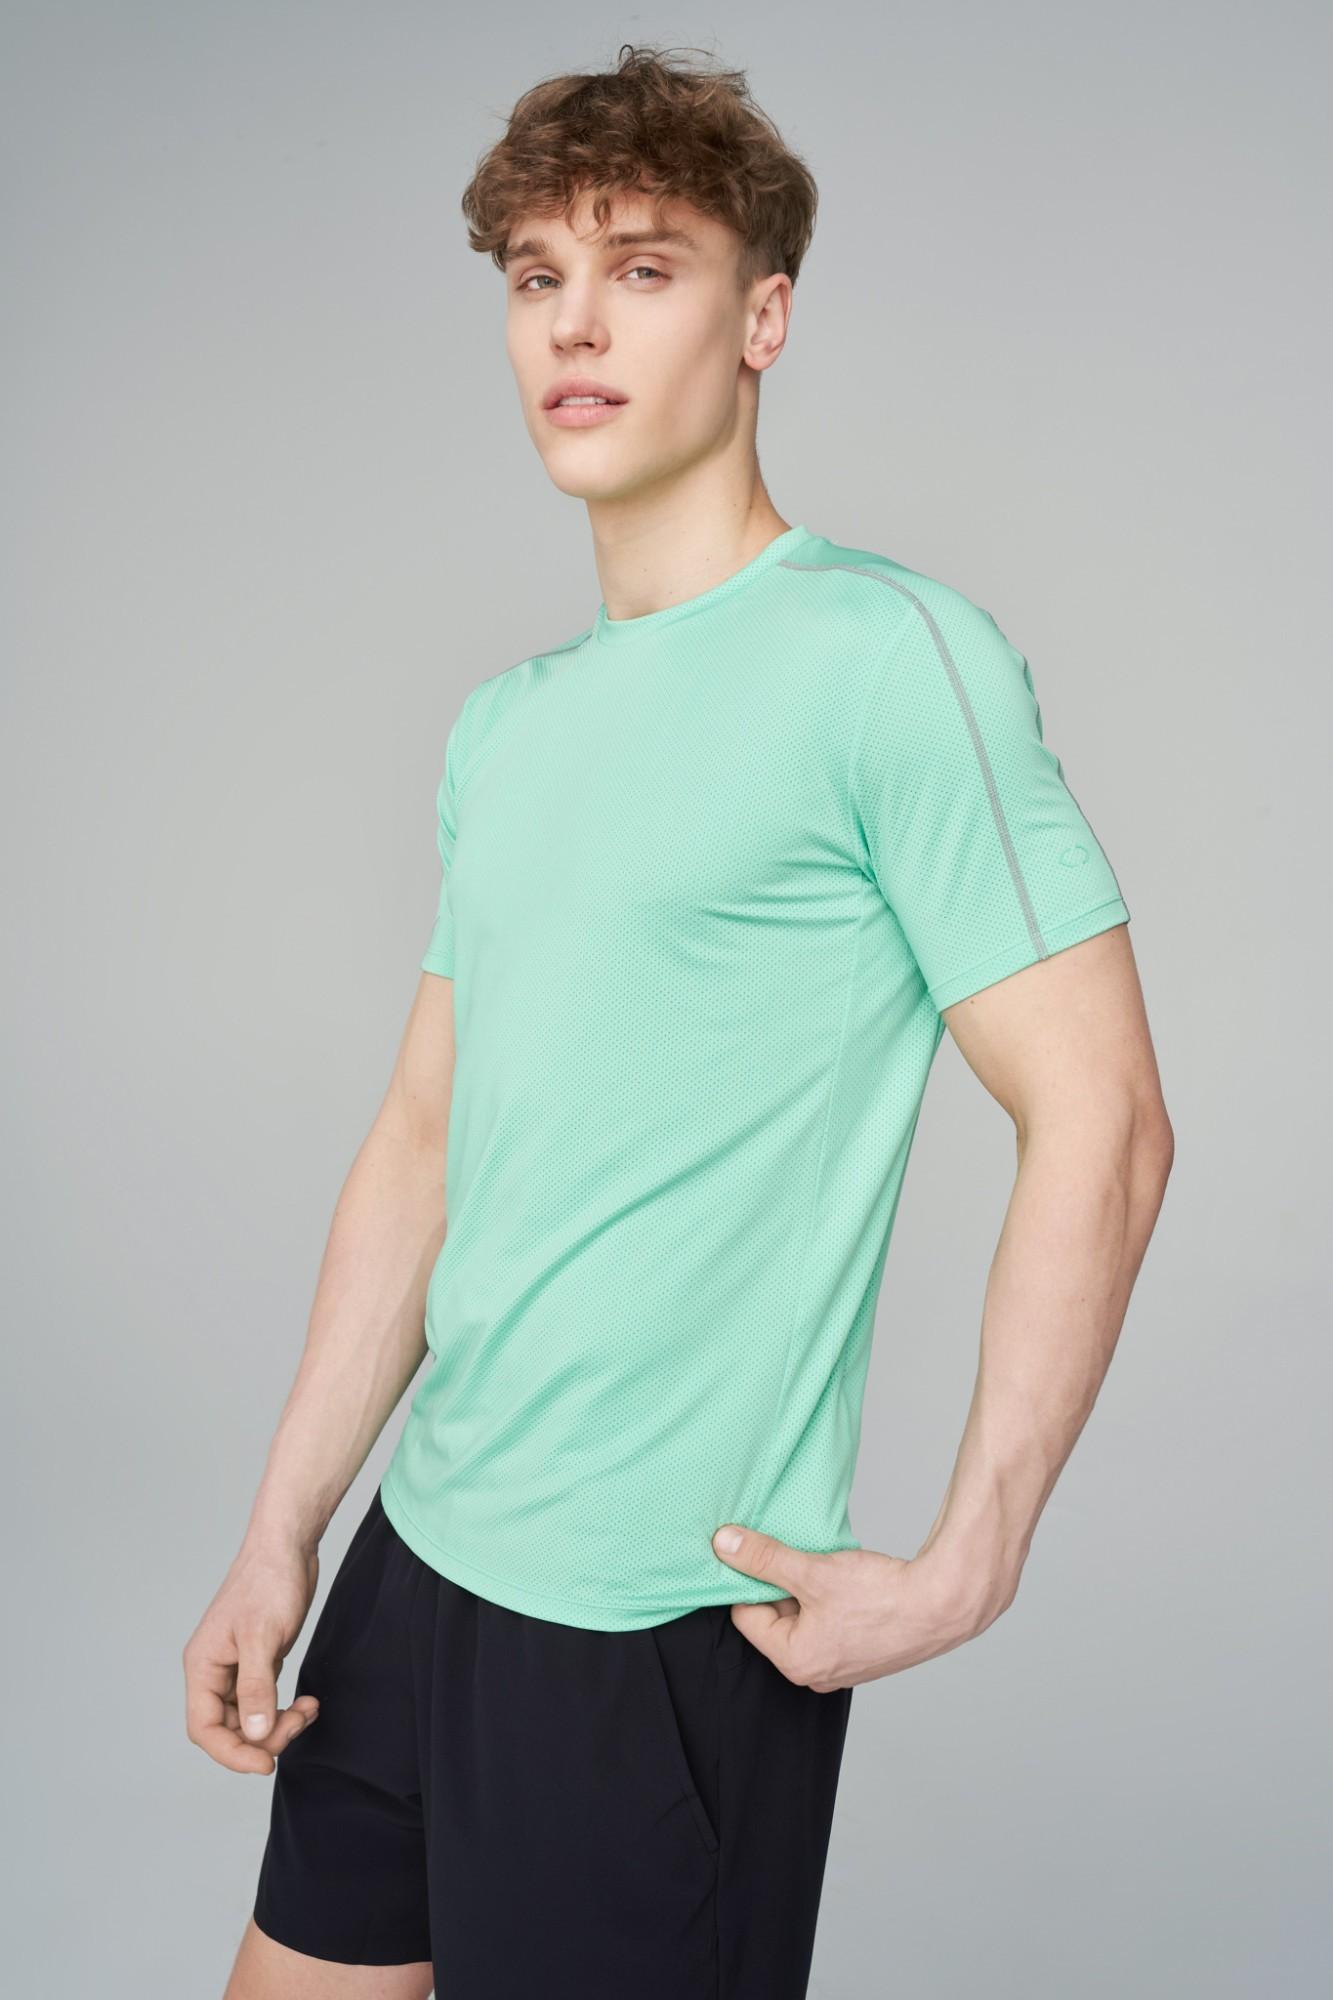 AUDIMAS Funkcionalūs marškinėliai 2021-495-1 Spring Bud M